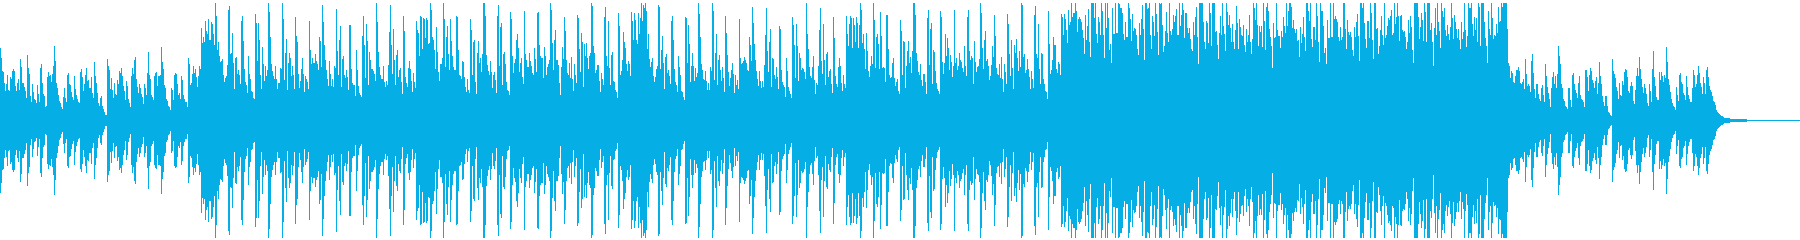 ピアノとドラムのヒーリングの再生済みの波形